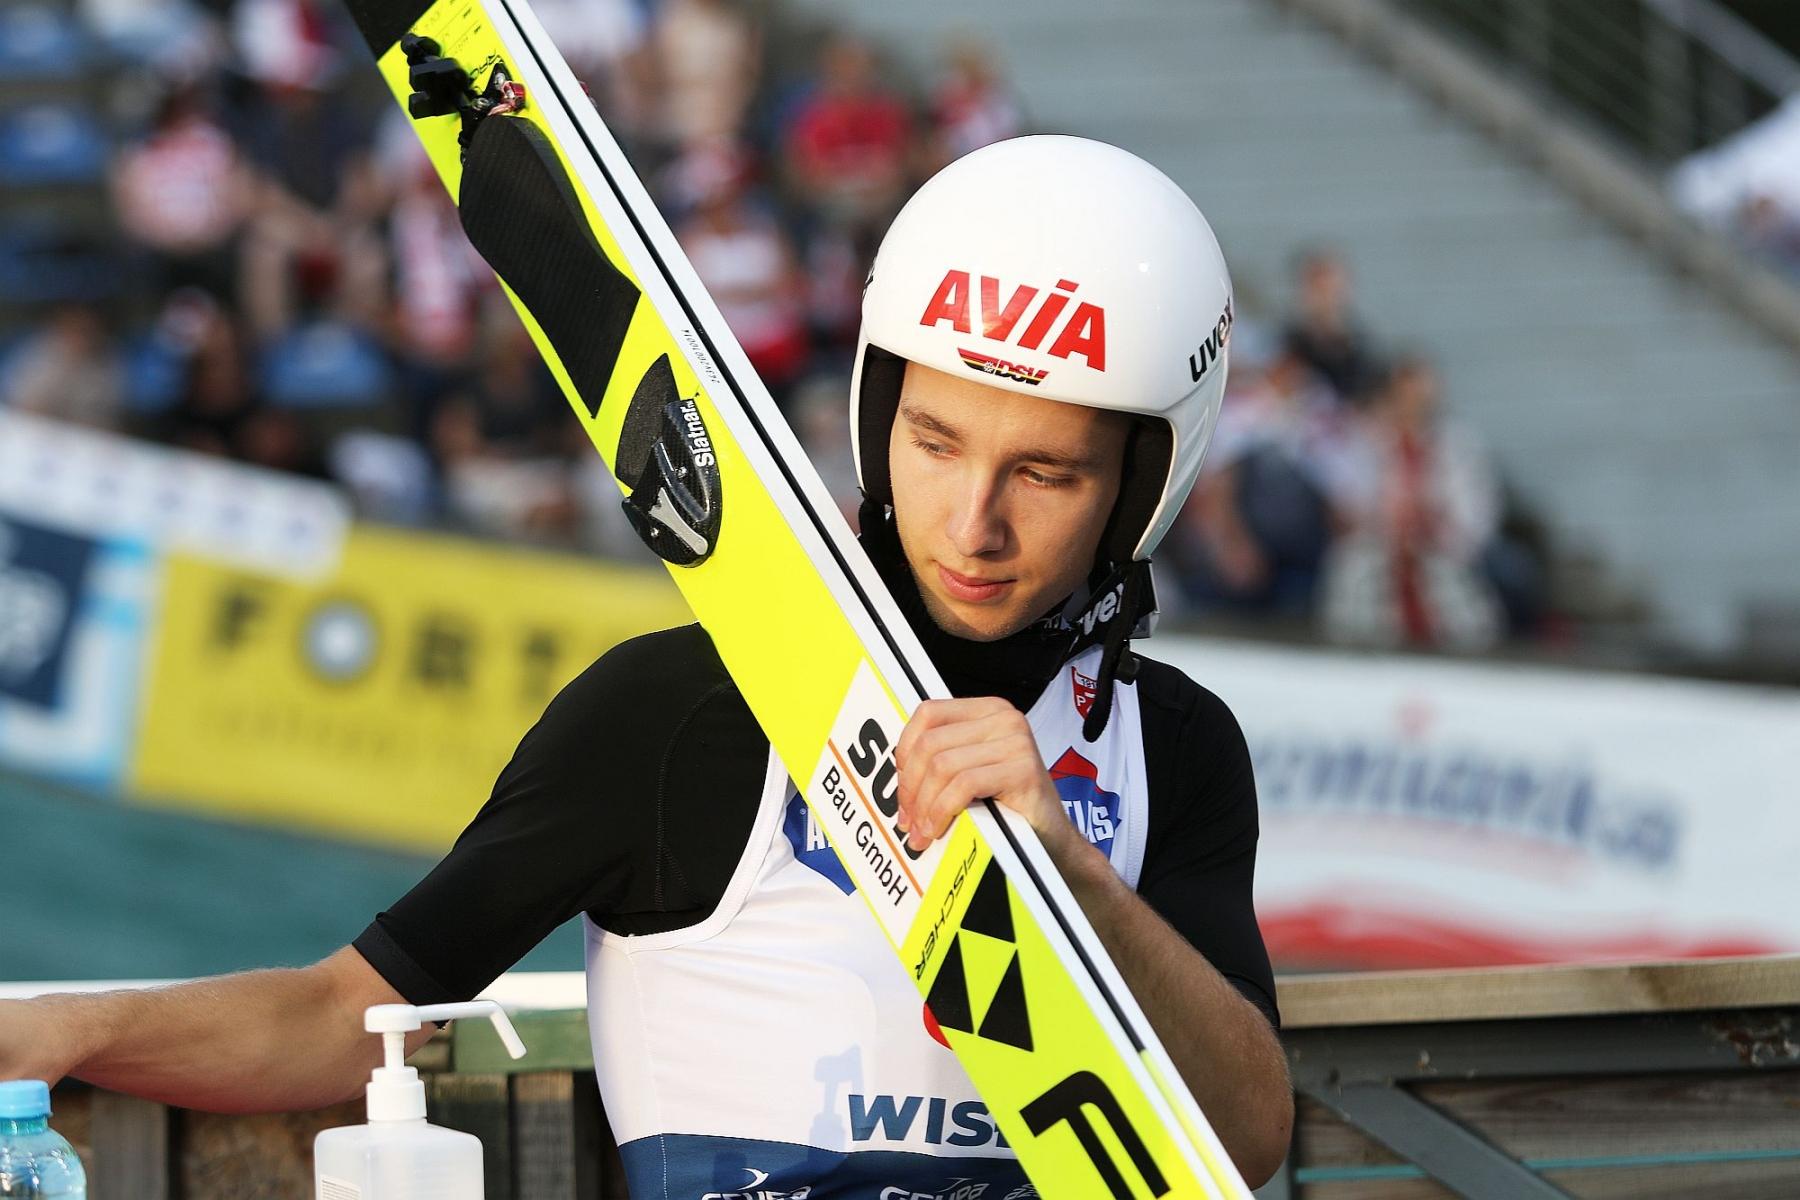 LGP Wisla2020 2konkurs fot 107 - Hamann wygrywa w Berchtesgaden, Zajc i Klinec w Kranju. Krajowe konkursy Niemców i Słoweńców